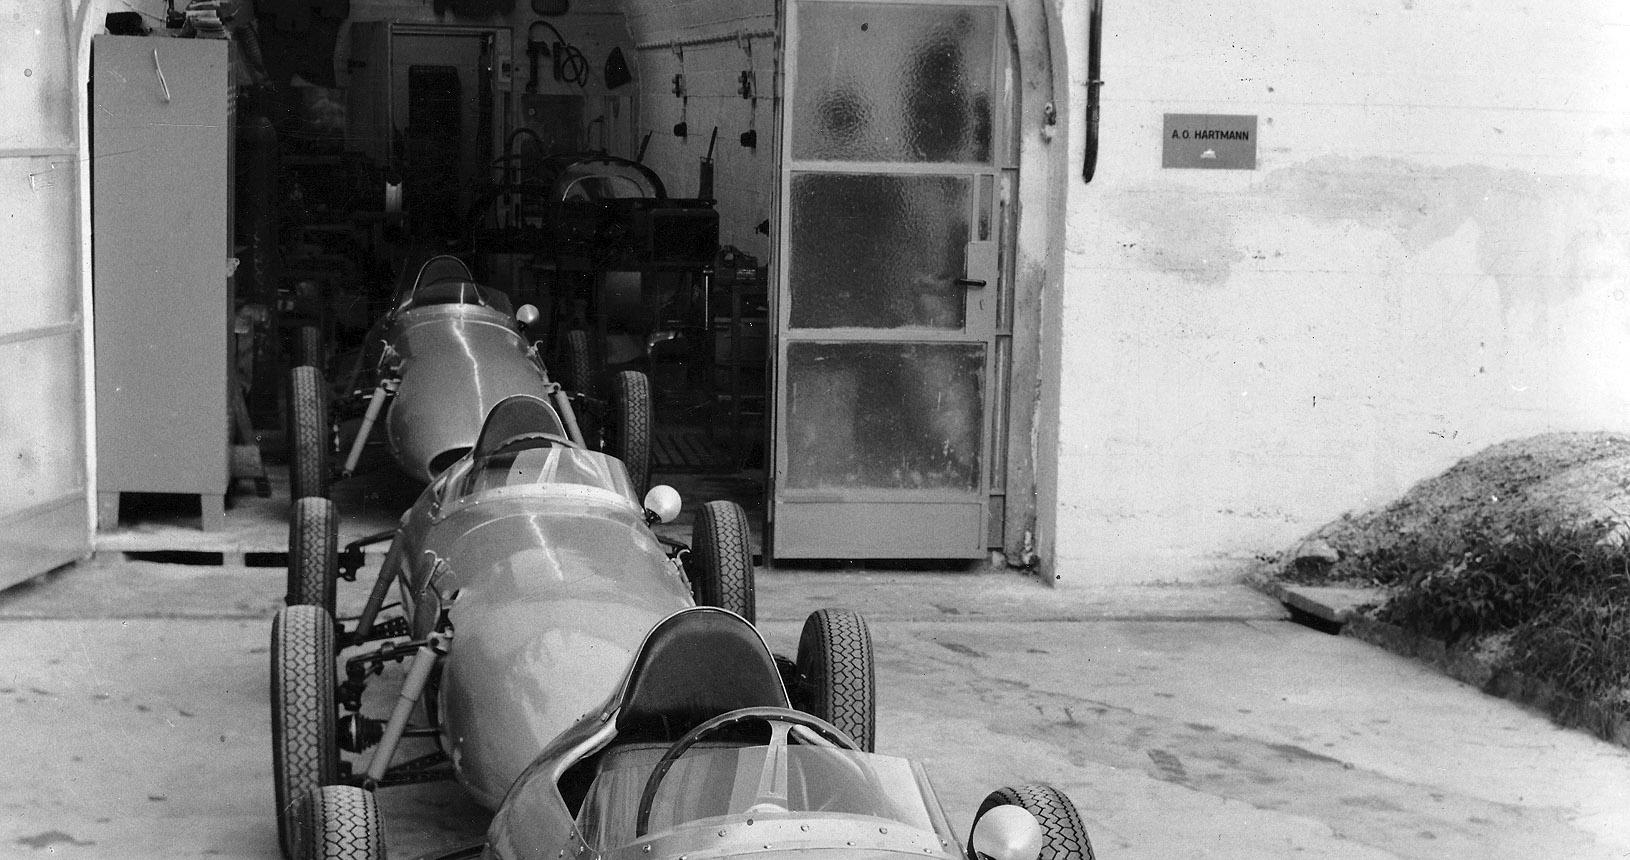 Scuderia Hartmann-Formel-Junior-Wagen vor der Berchtesgadener Werkstatt